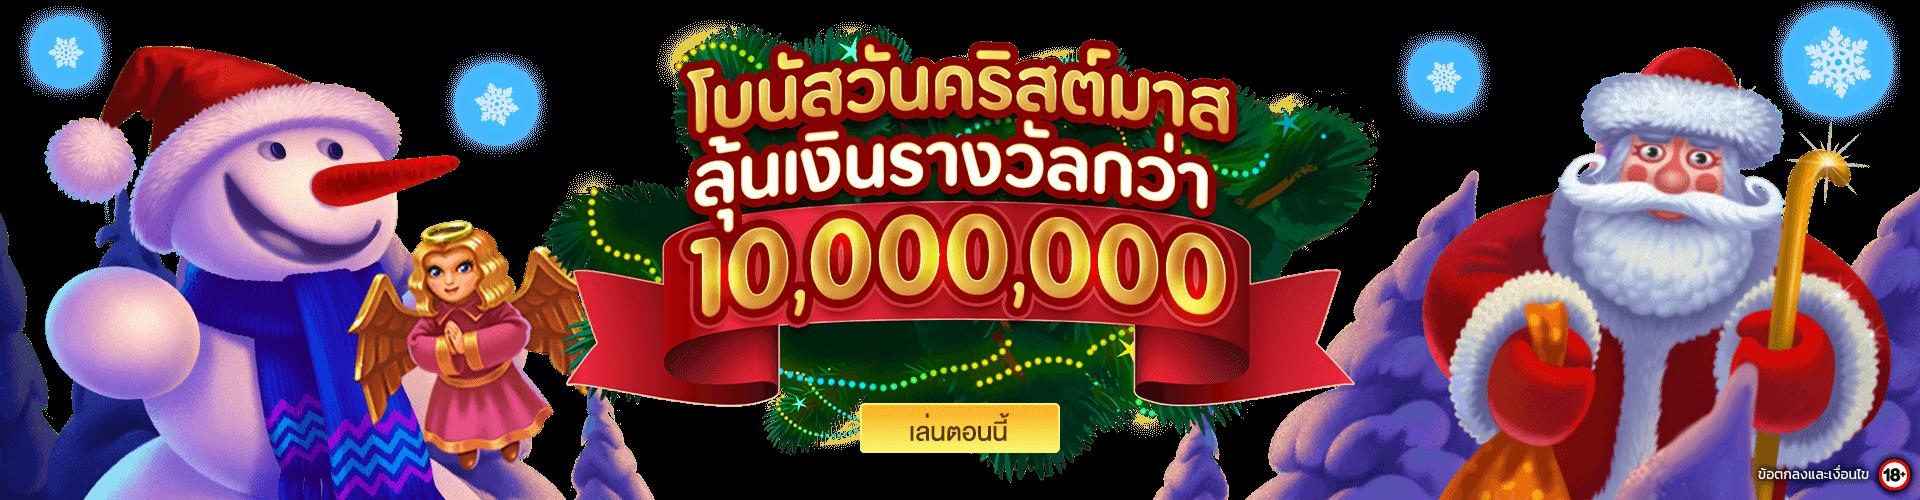 Christmas Tree โบนัสวันคริสต์มาส ลุ้นเงินรางวัลกว่า 10,000,000